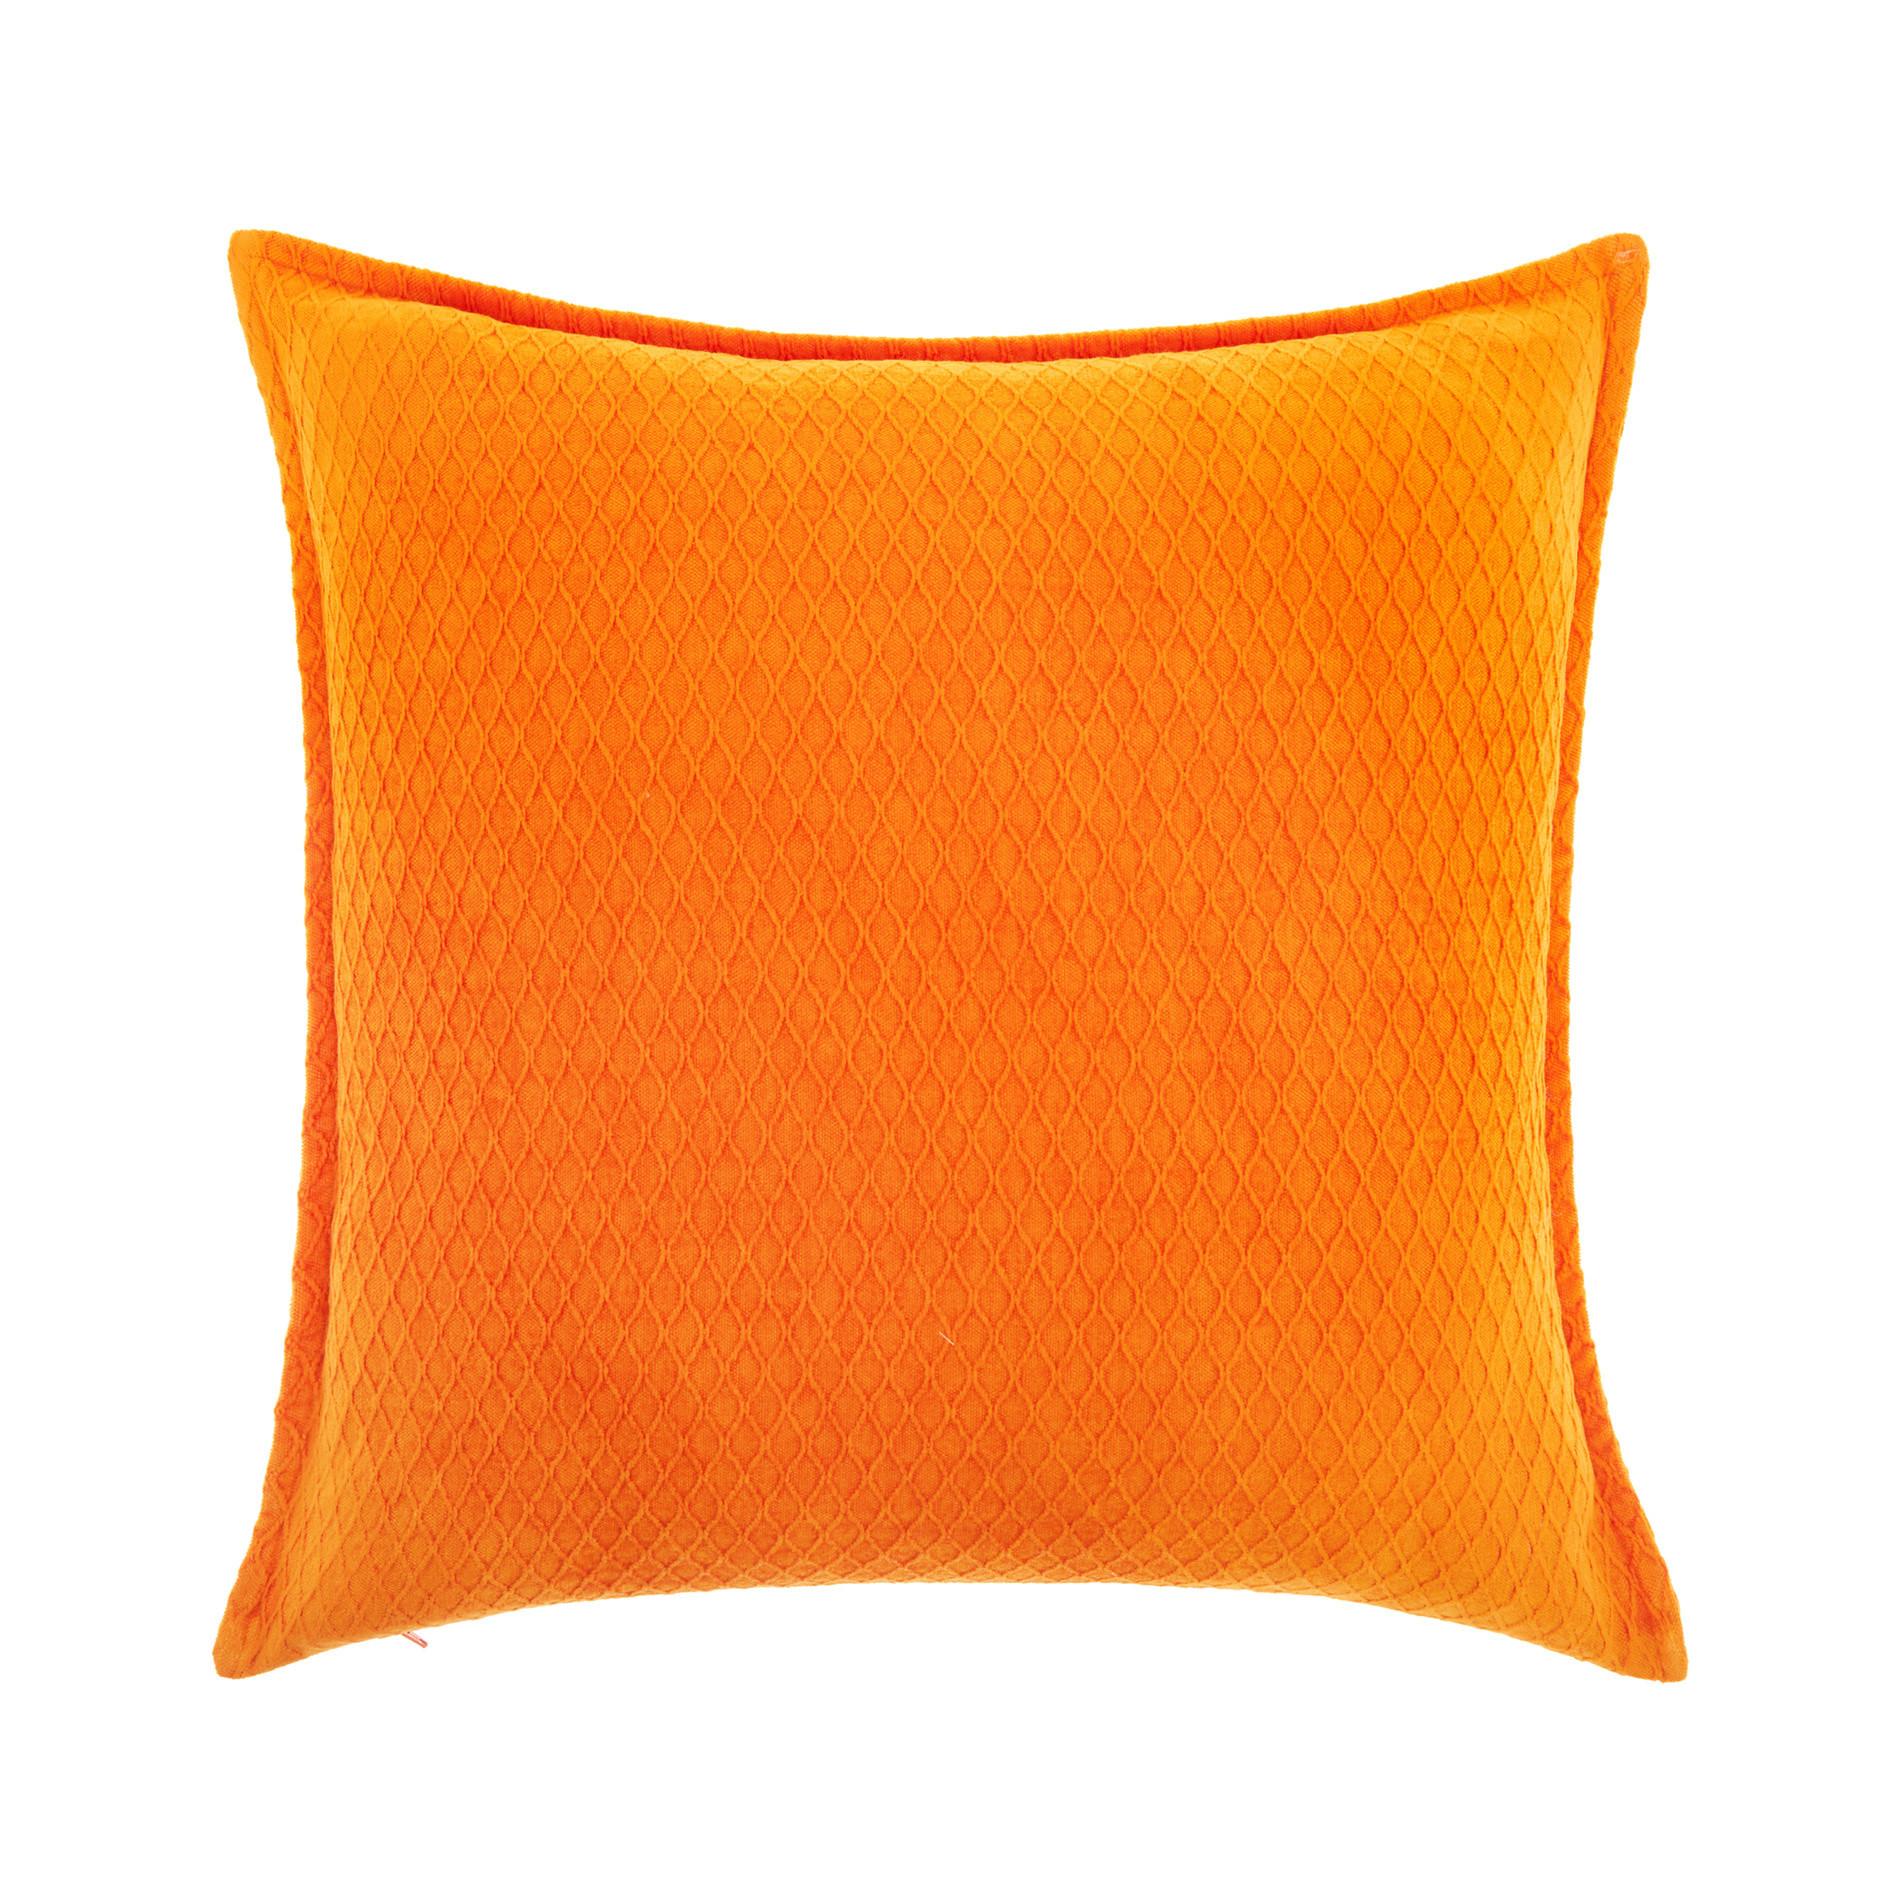 Cuscino velluto tinta unita 45x45cm, Arancione, large image number 0